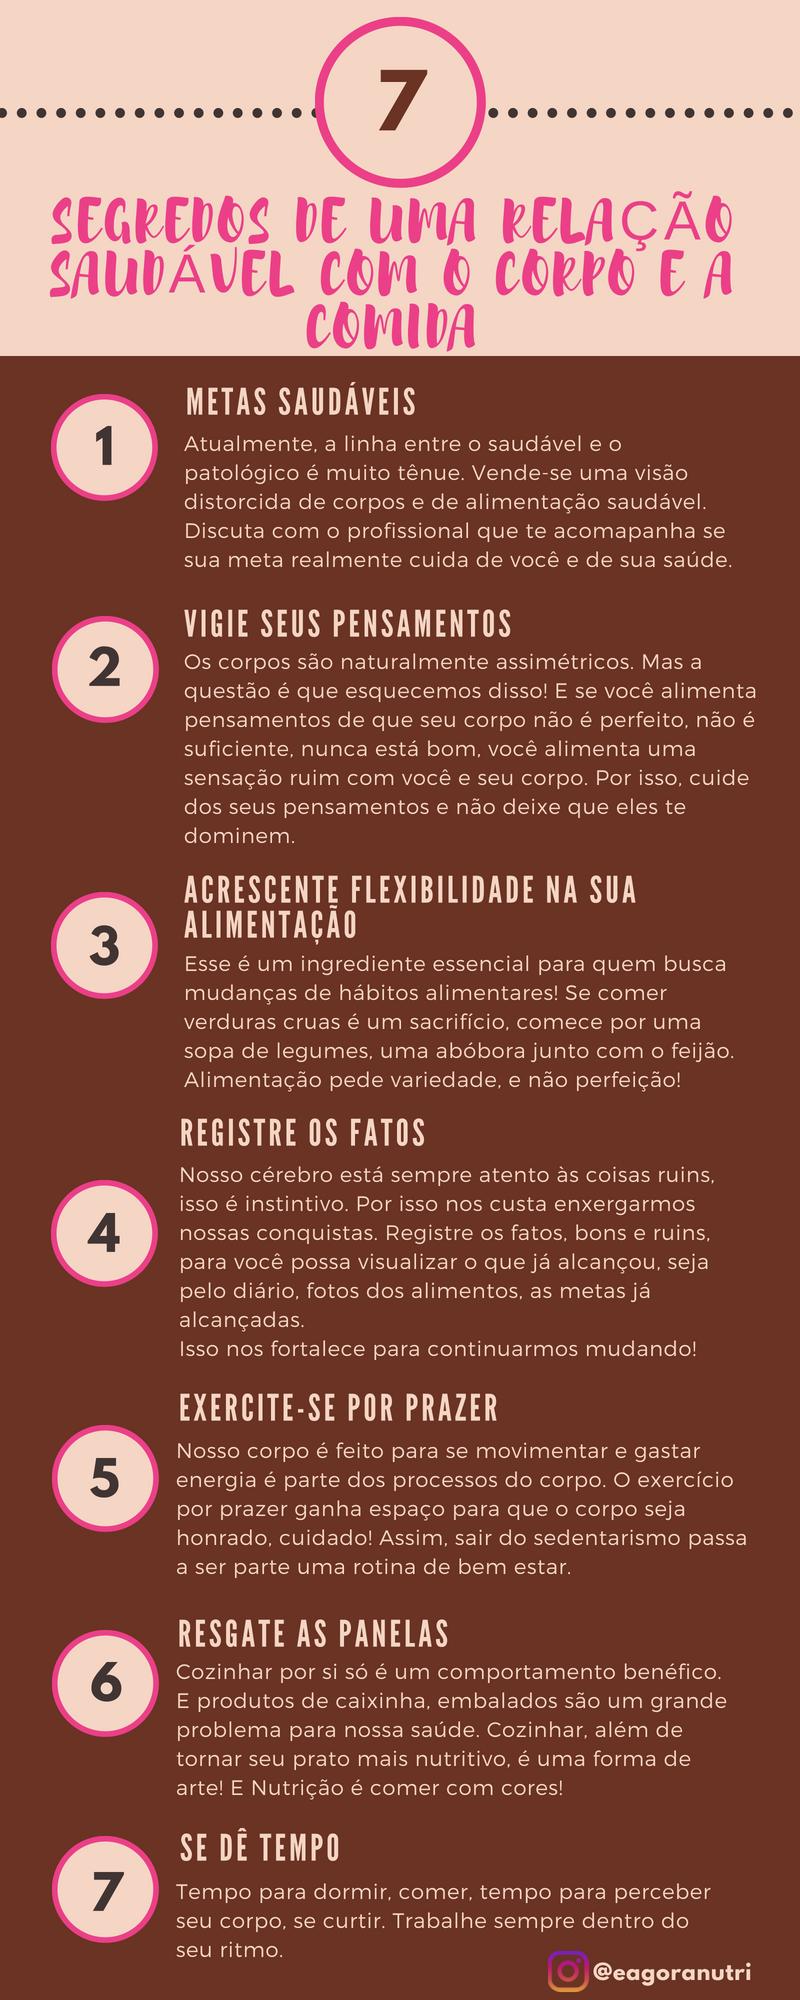 7 segredos_eagoranutri